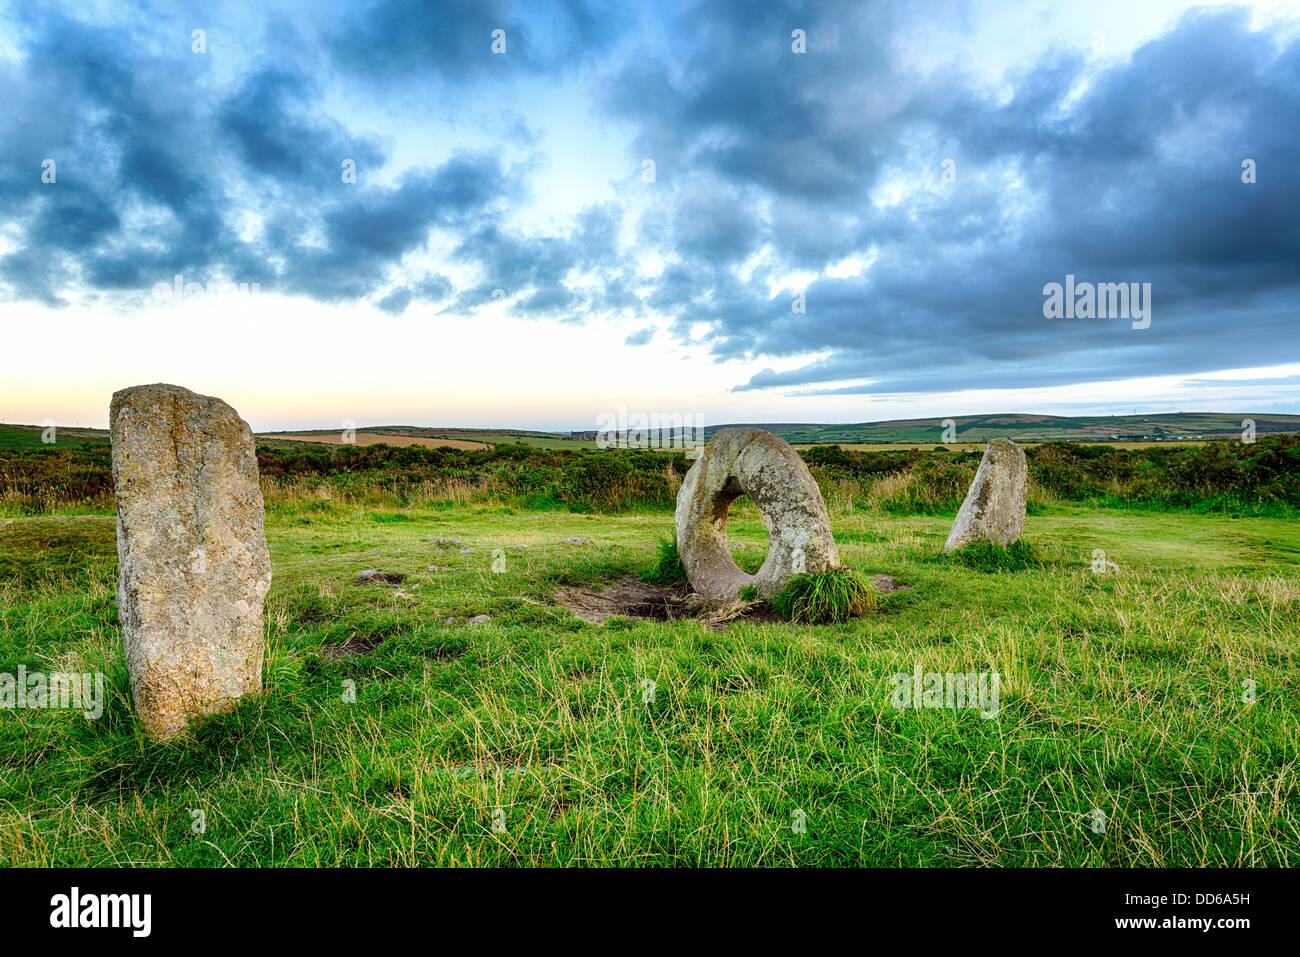 Die Männer ein Tol Menhire in der Nähe von Penzance in Cornwal. Stockfoto